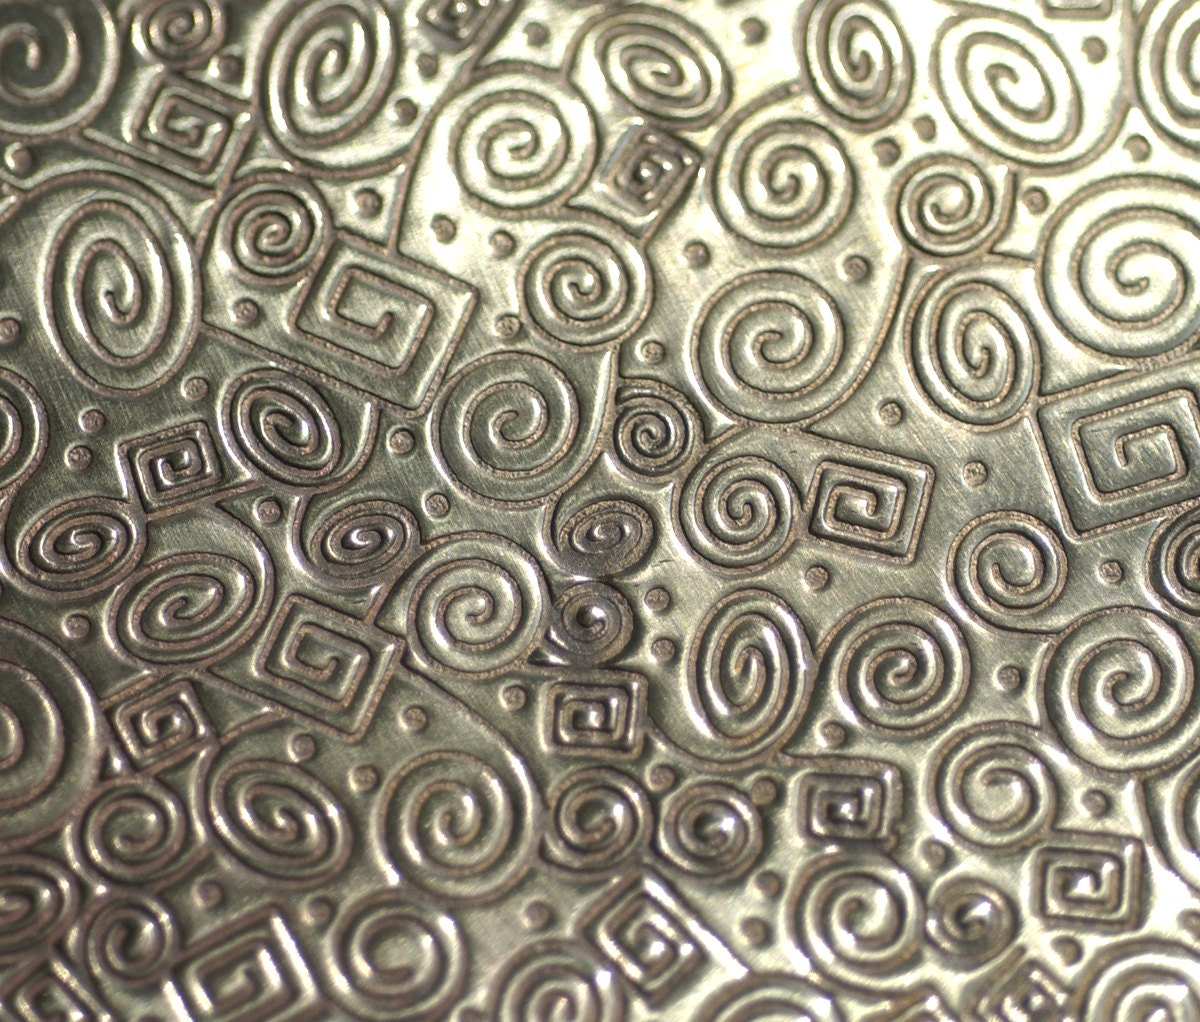 Bronze métal feuille Doodle texturé 24g - 6 2 1/8 x 2 6 1/4 pouces - Bracelets pendentifs ferronnerie d43f62